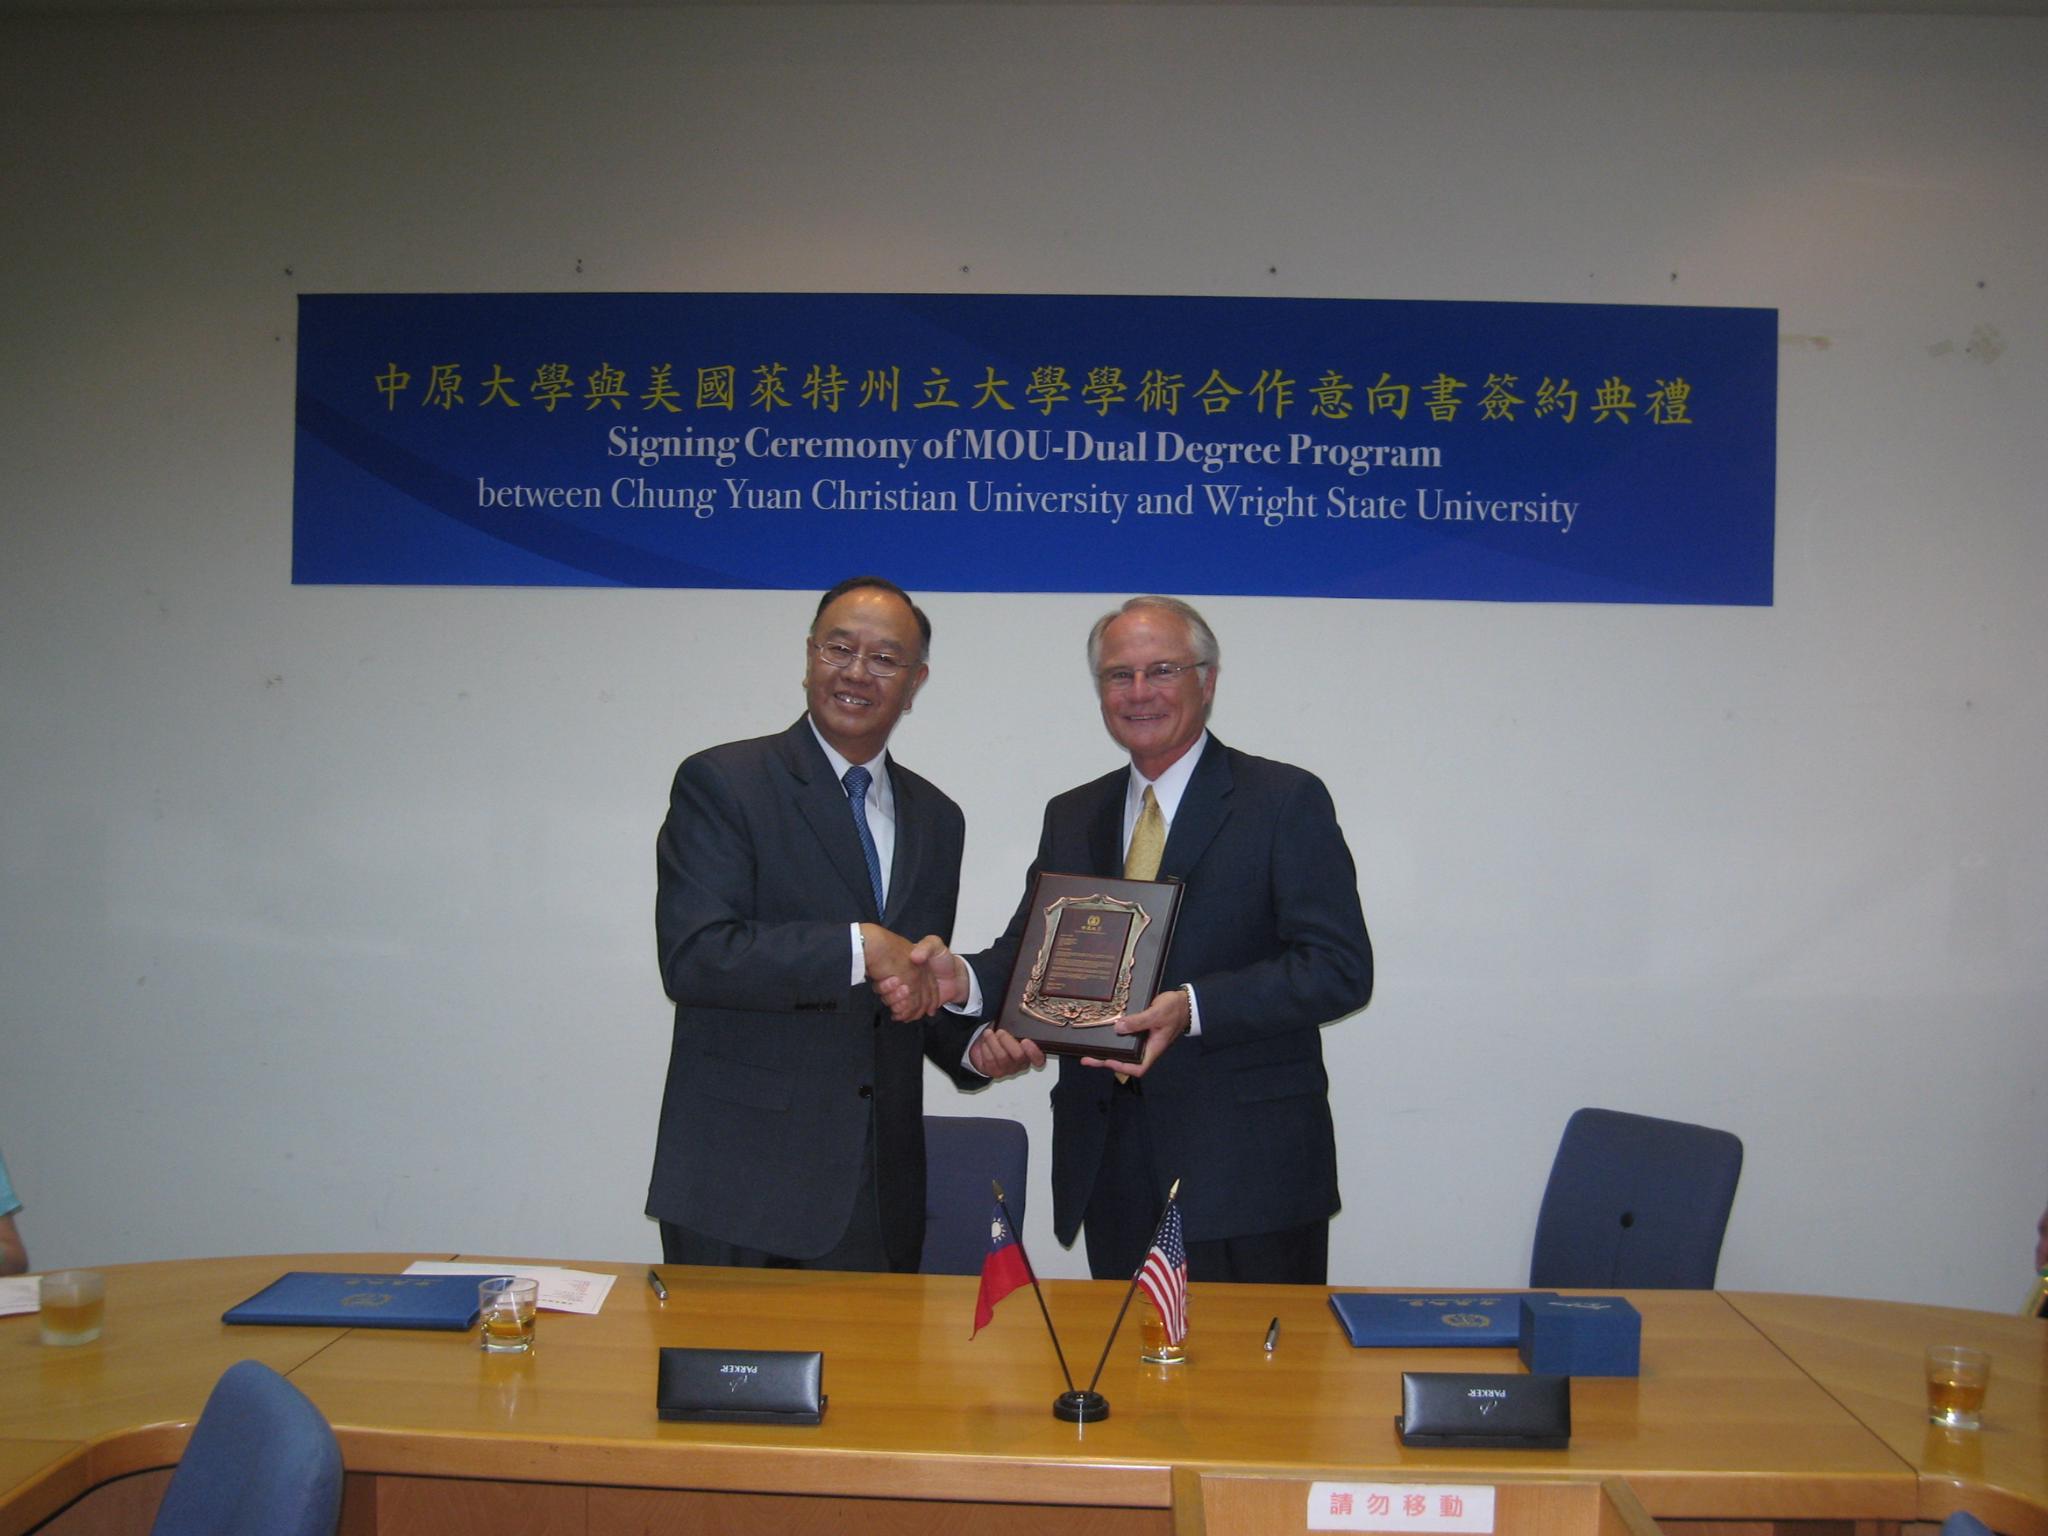 中原與美國萊特州立大學簽約 正式展開合作關係